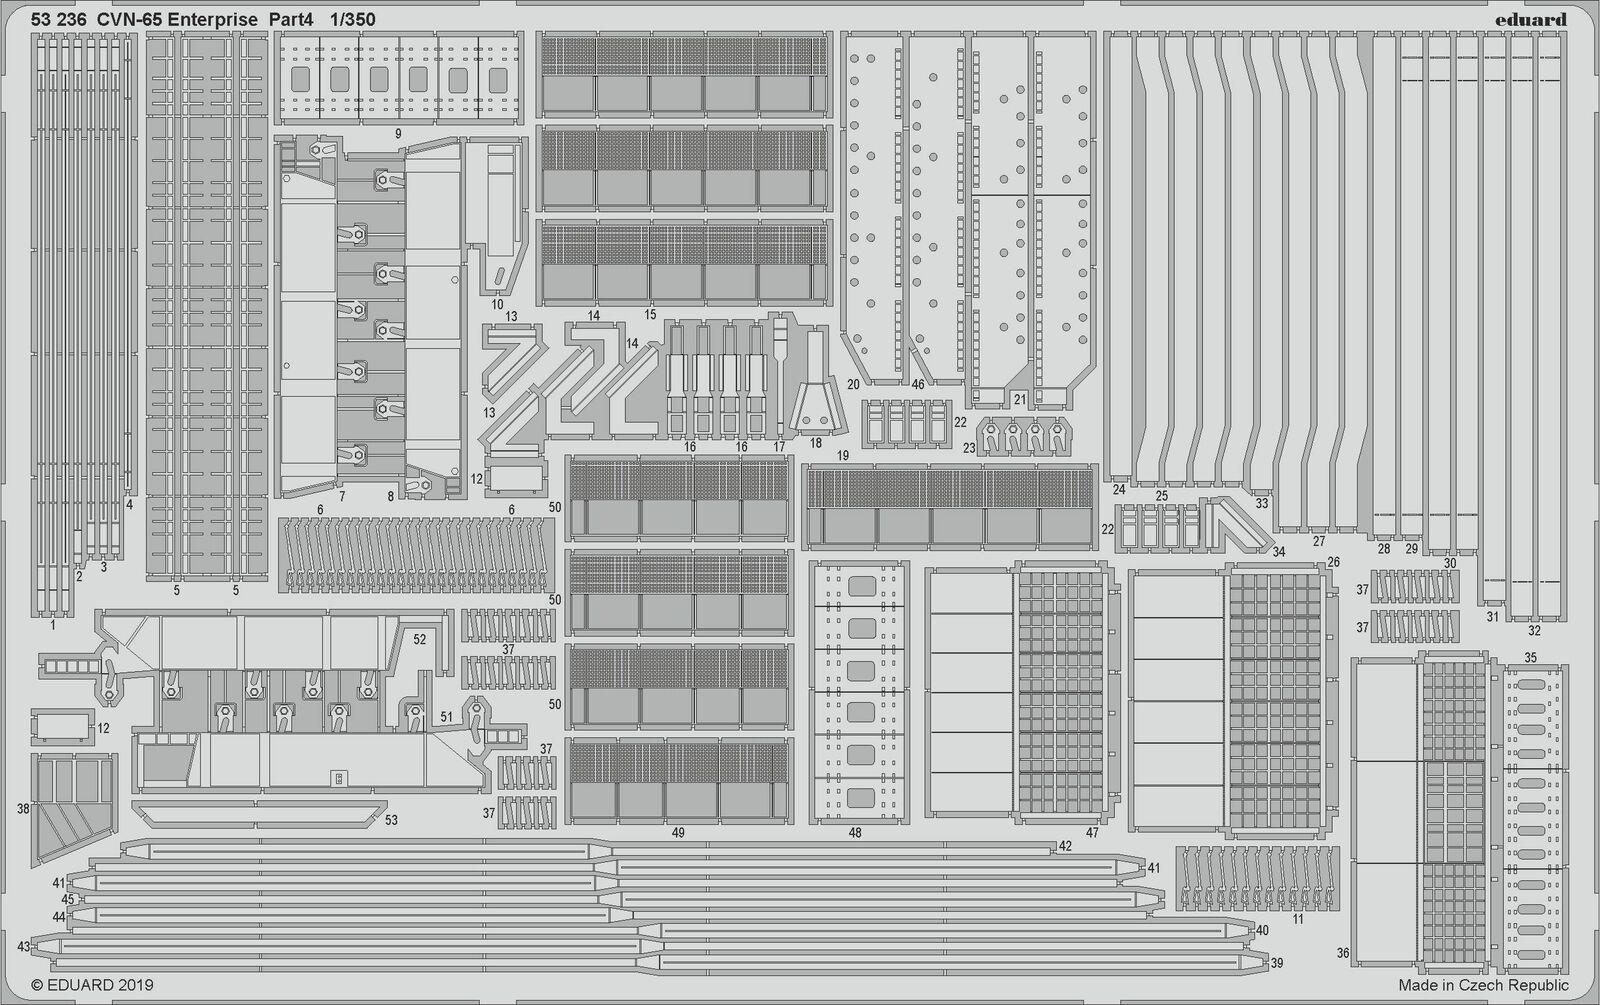 Eduard 1 350 Cvn-65 Enterprise Parte 4  53236